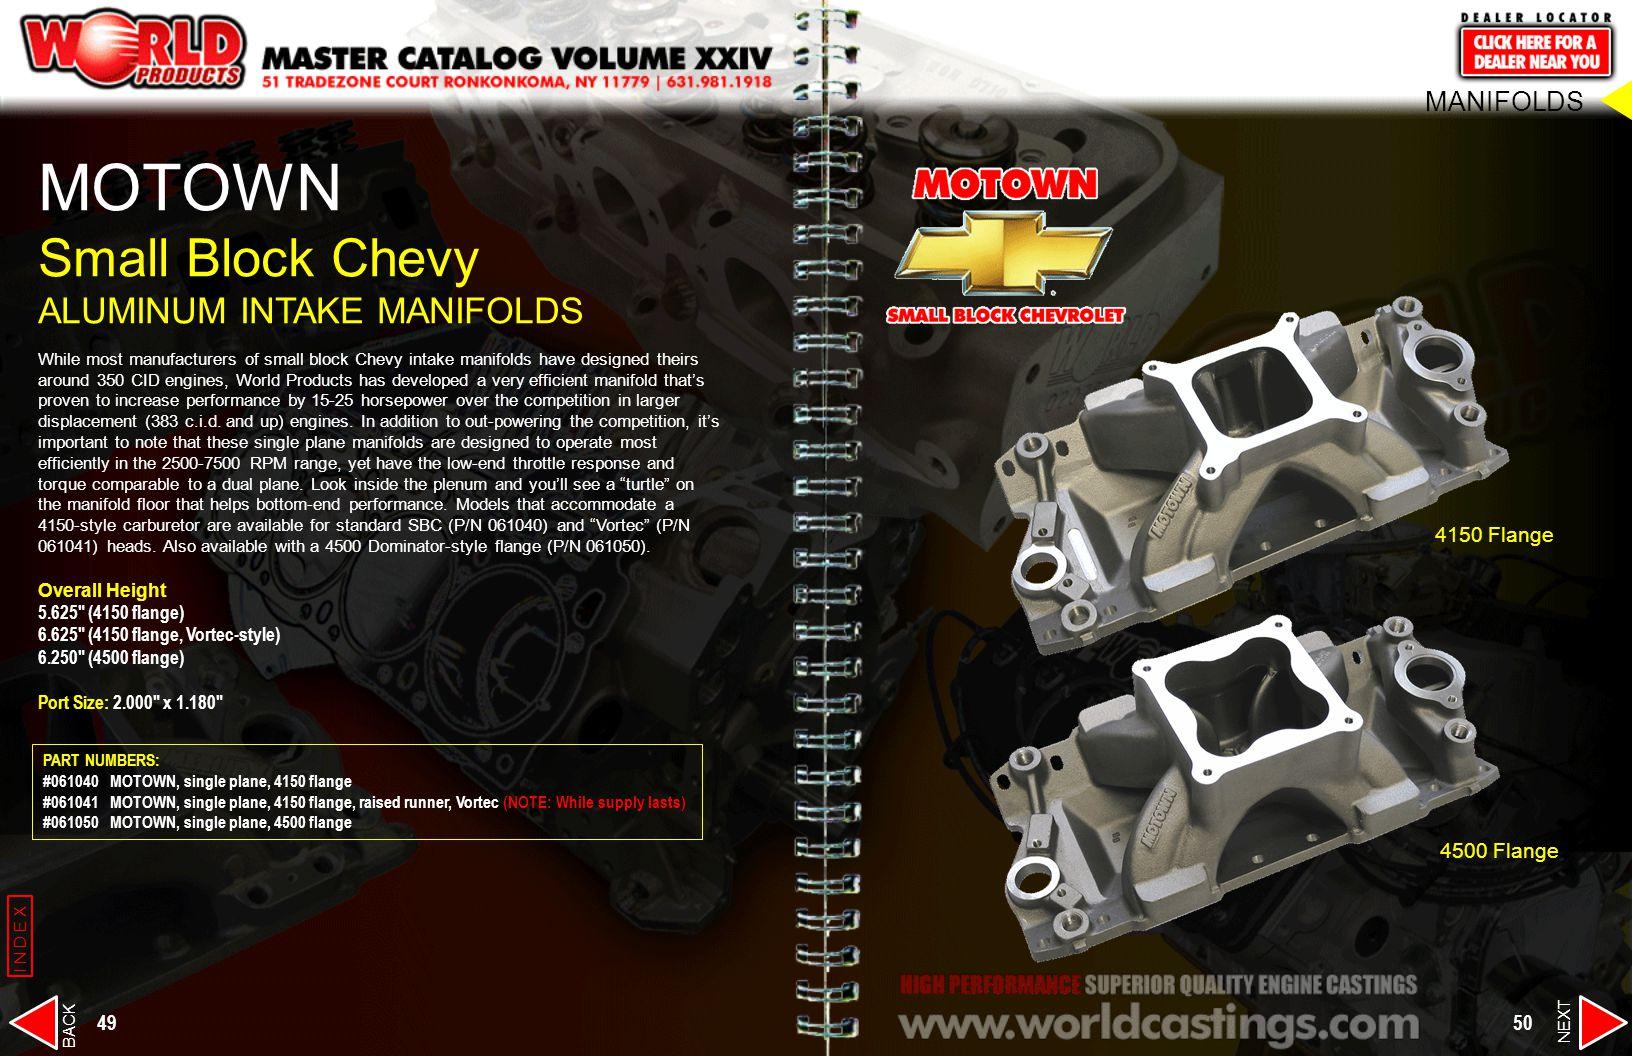 MOTOWN Small Block Chevy ALUMINUM INTAKE MANIFOLDS MANIFOLDS